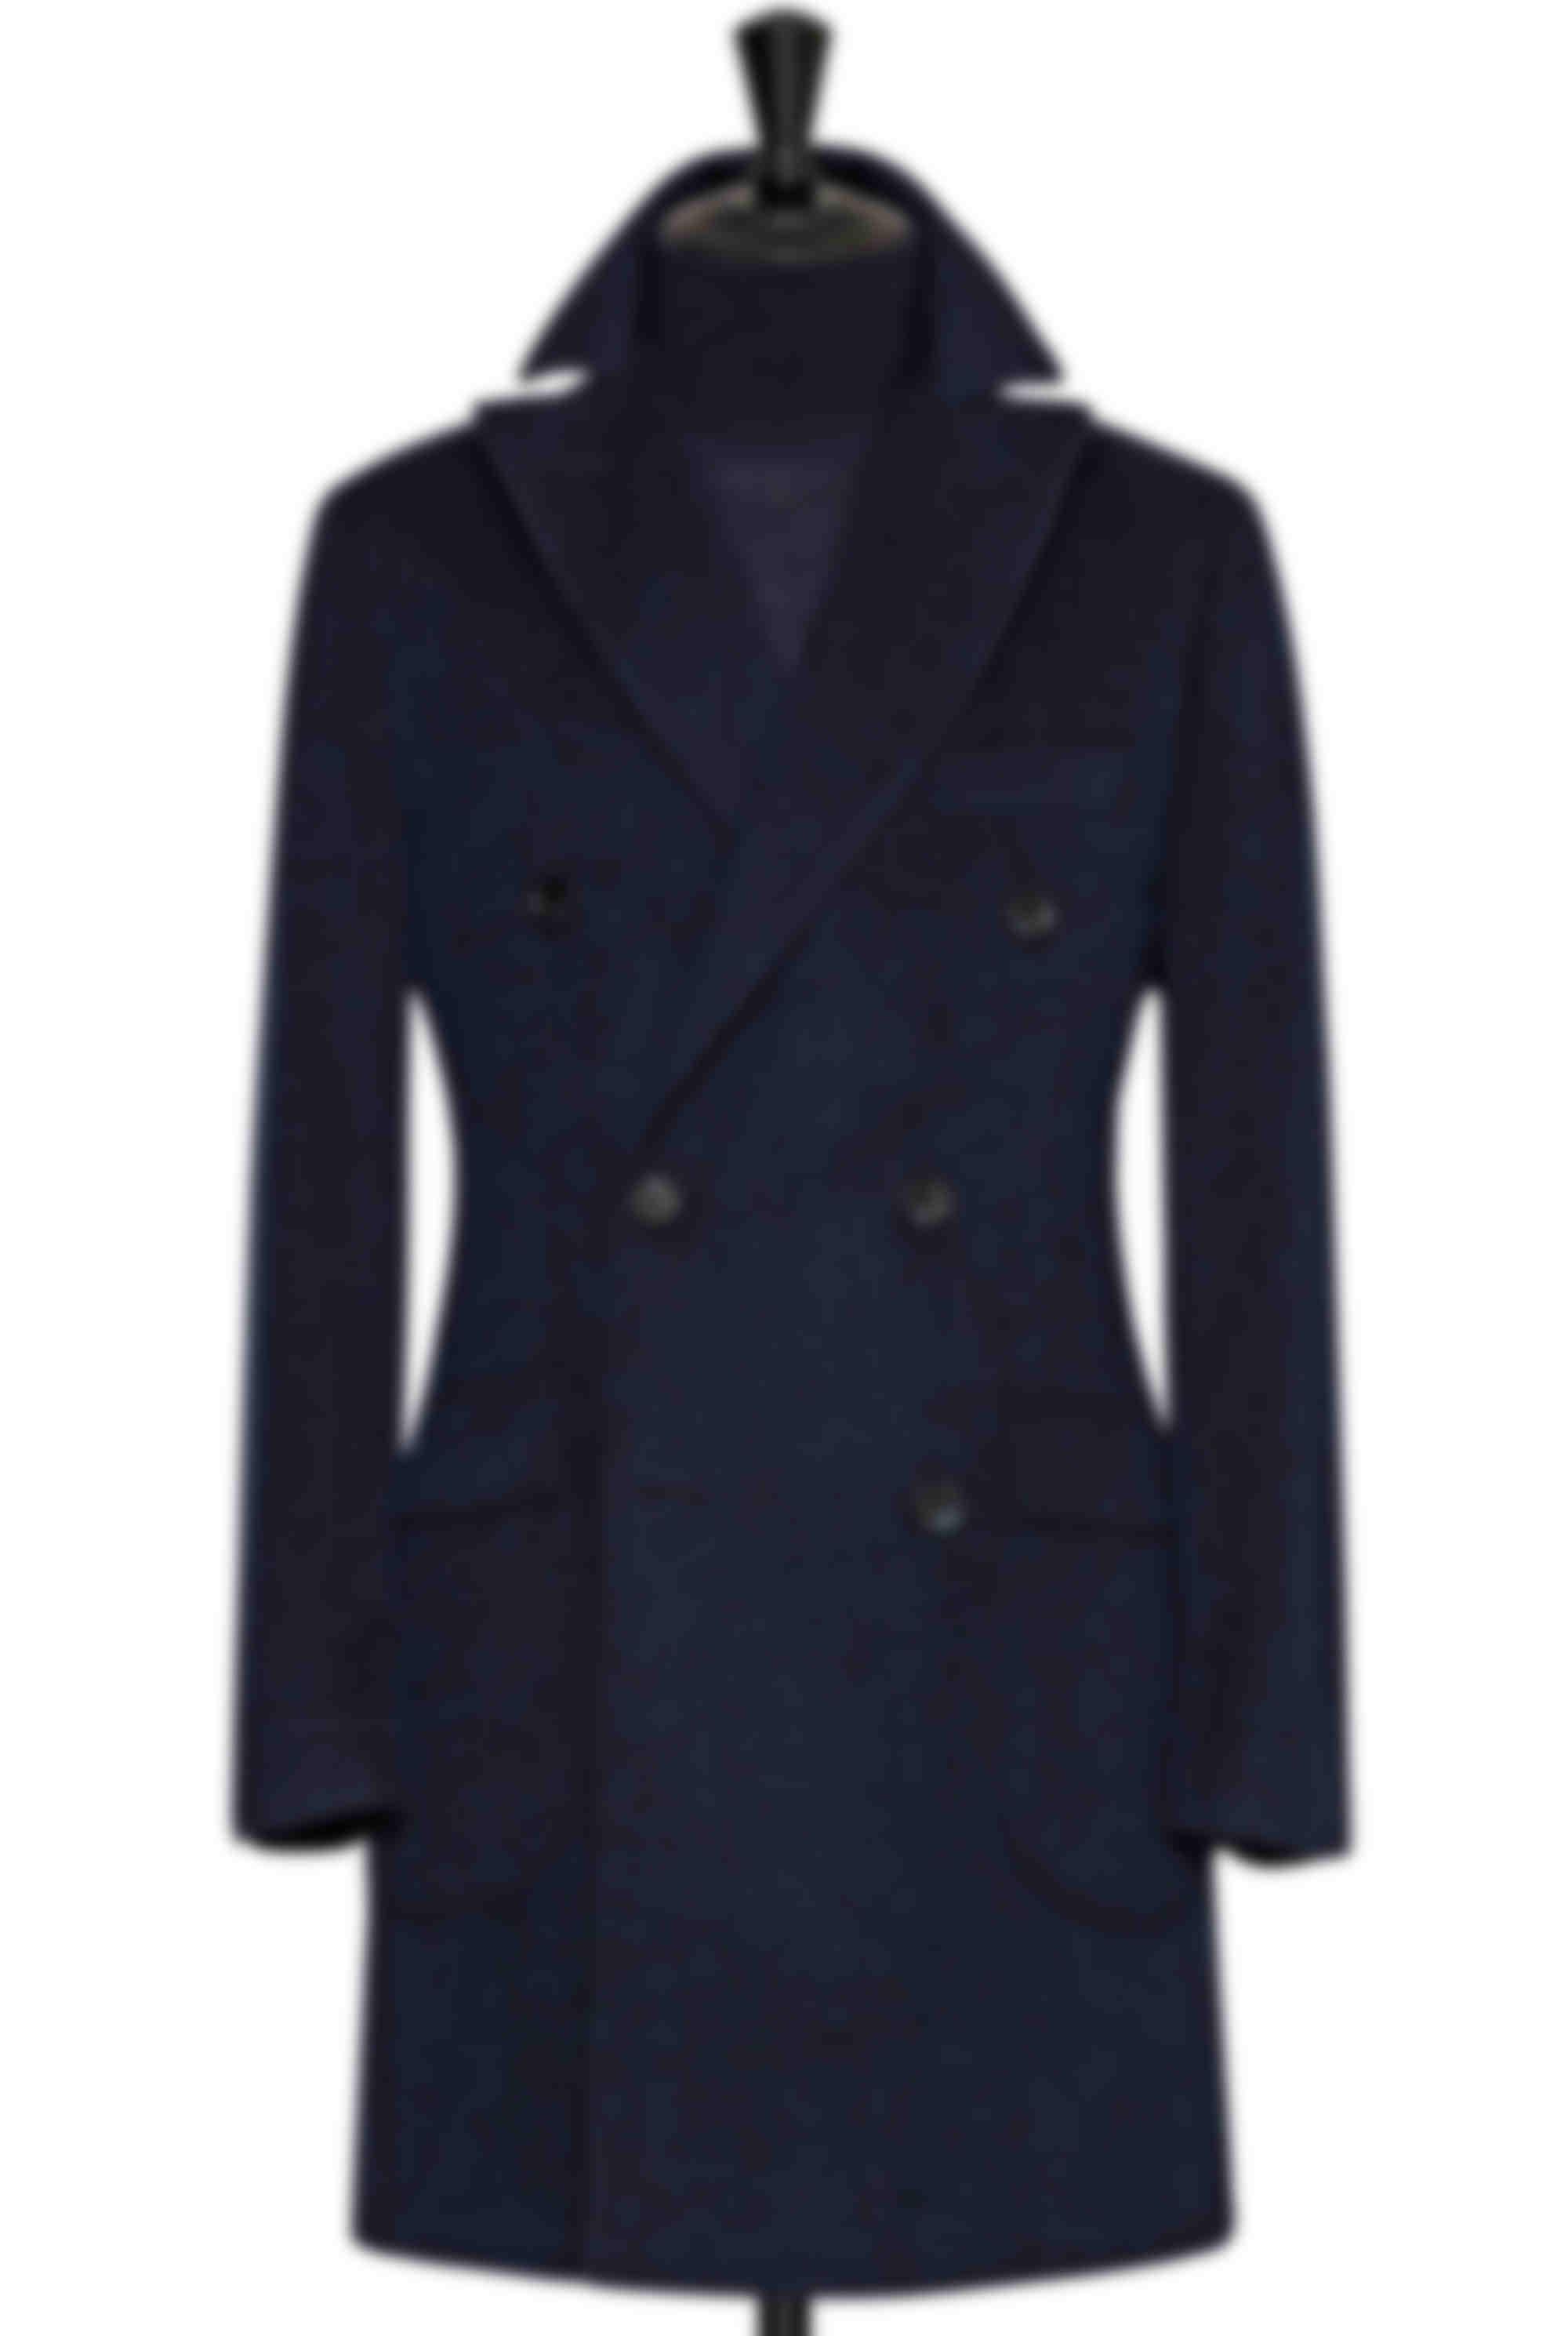 Manteau sur mesure Atelier mesure laine mélangée croisé bleu et noir